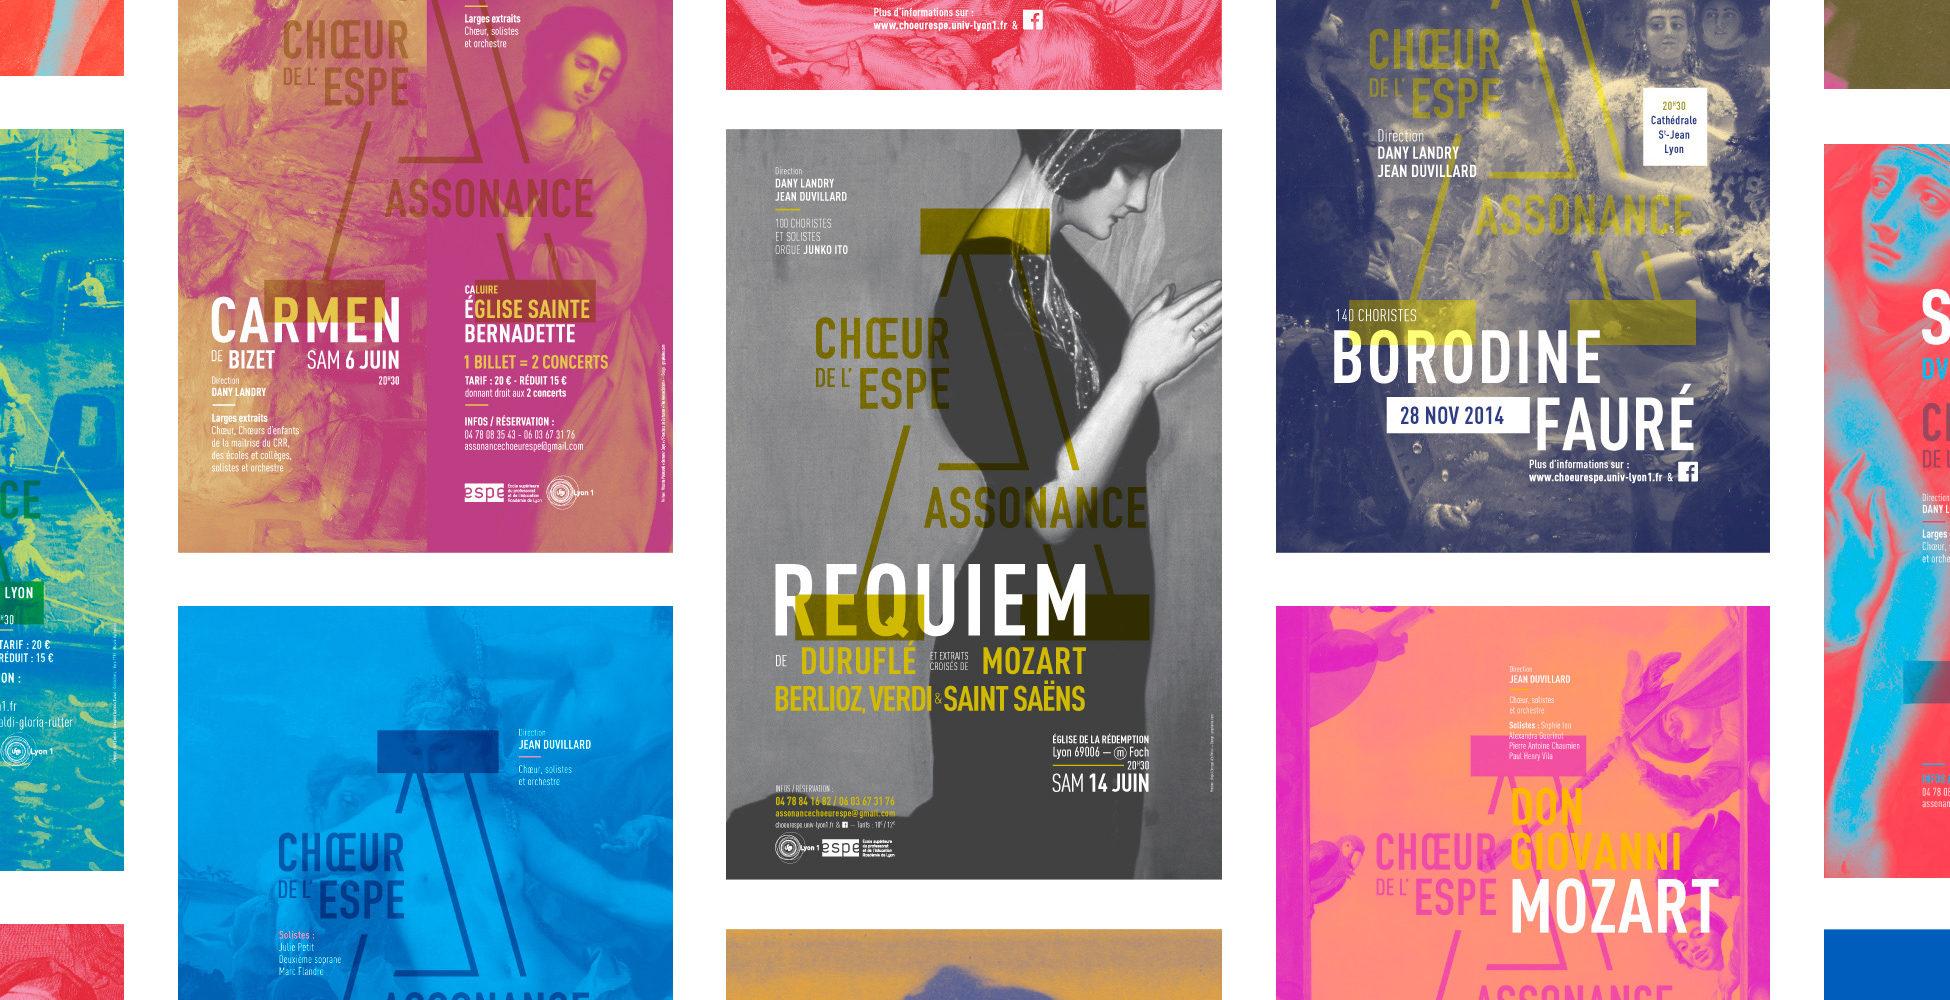 Identité visuelle chœur assonance musique classique